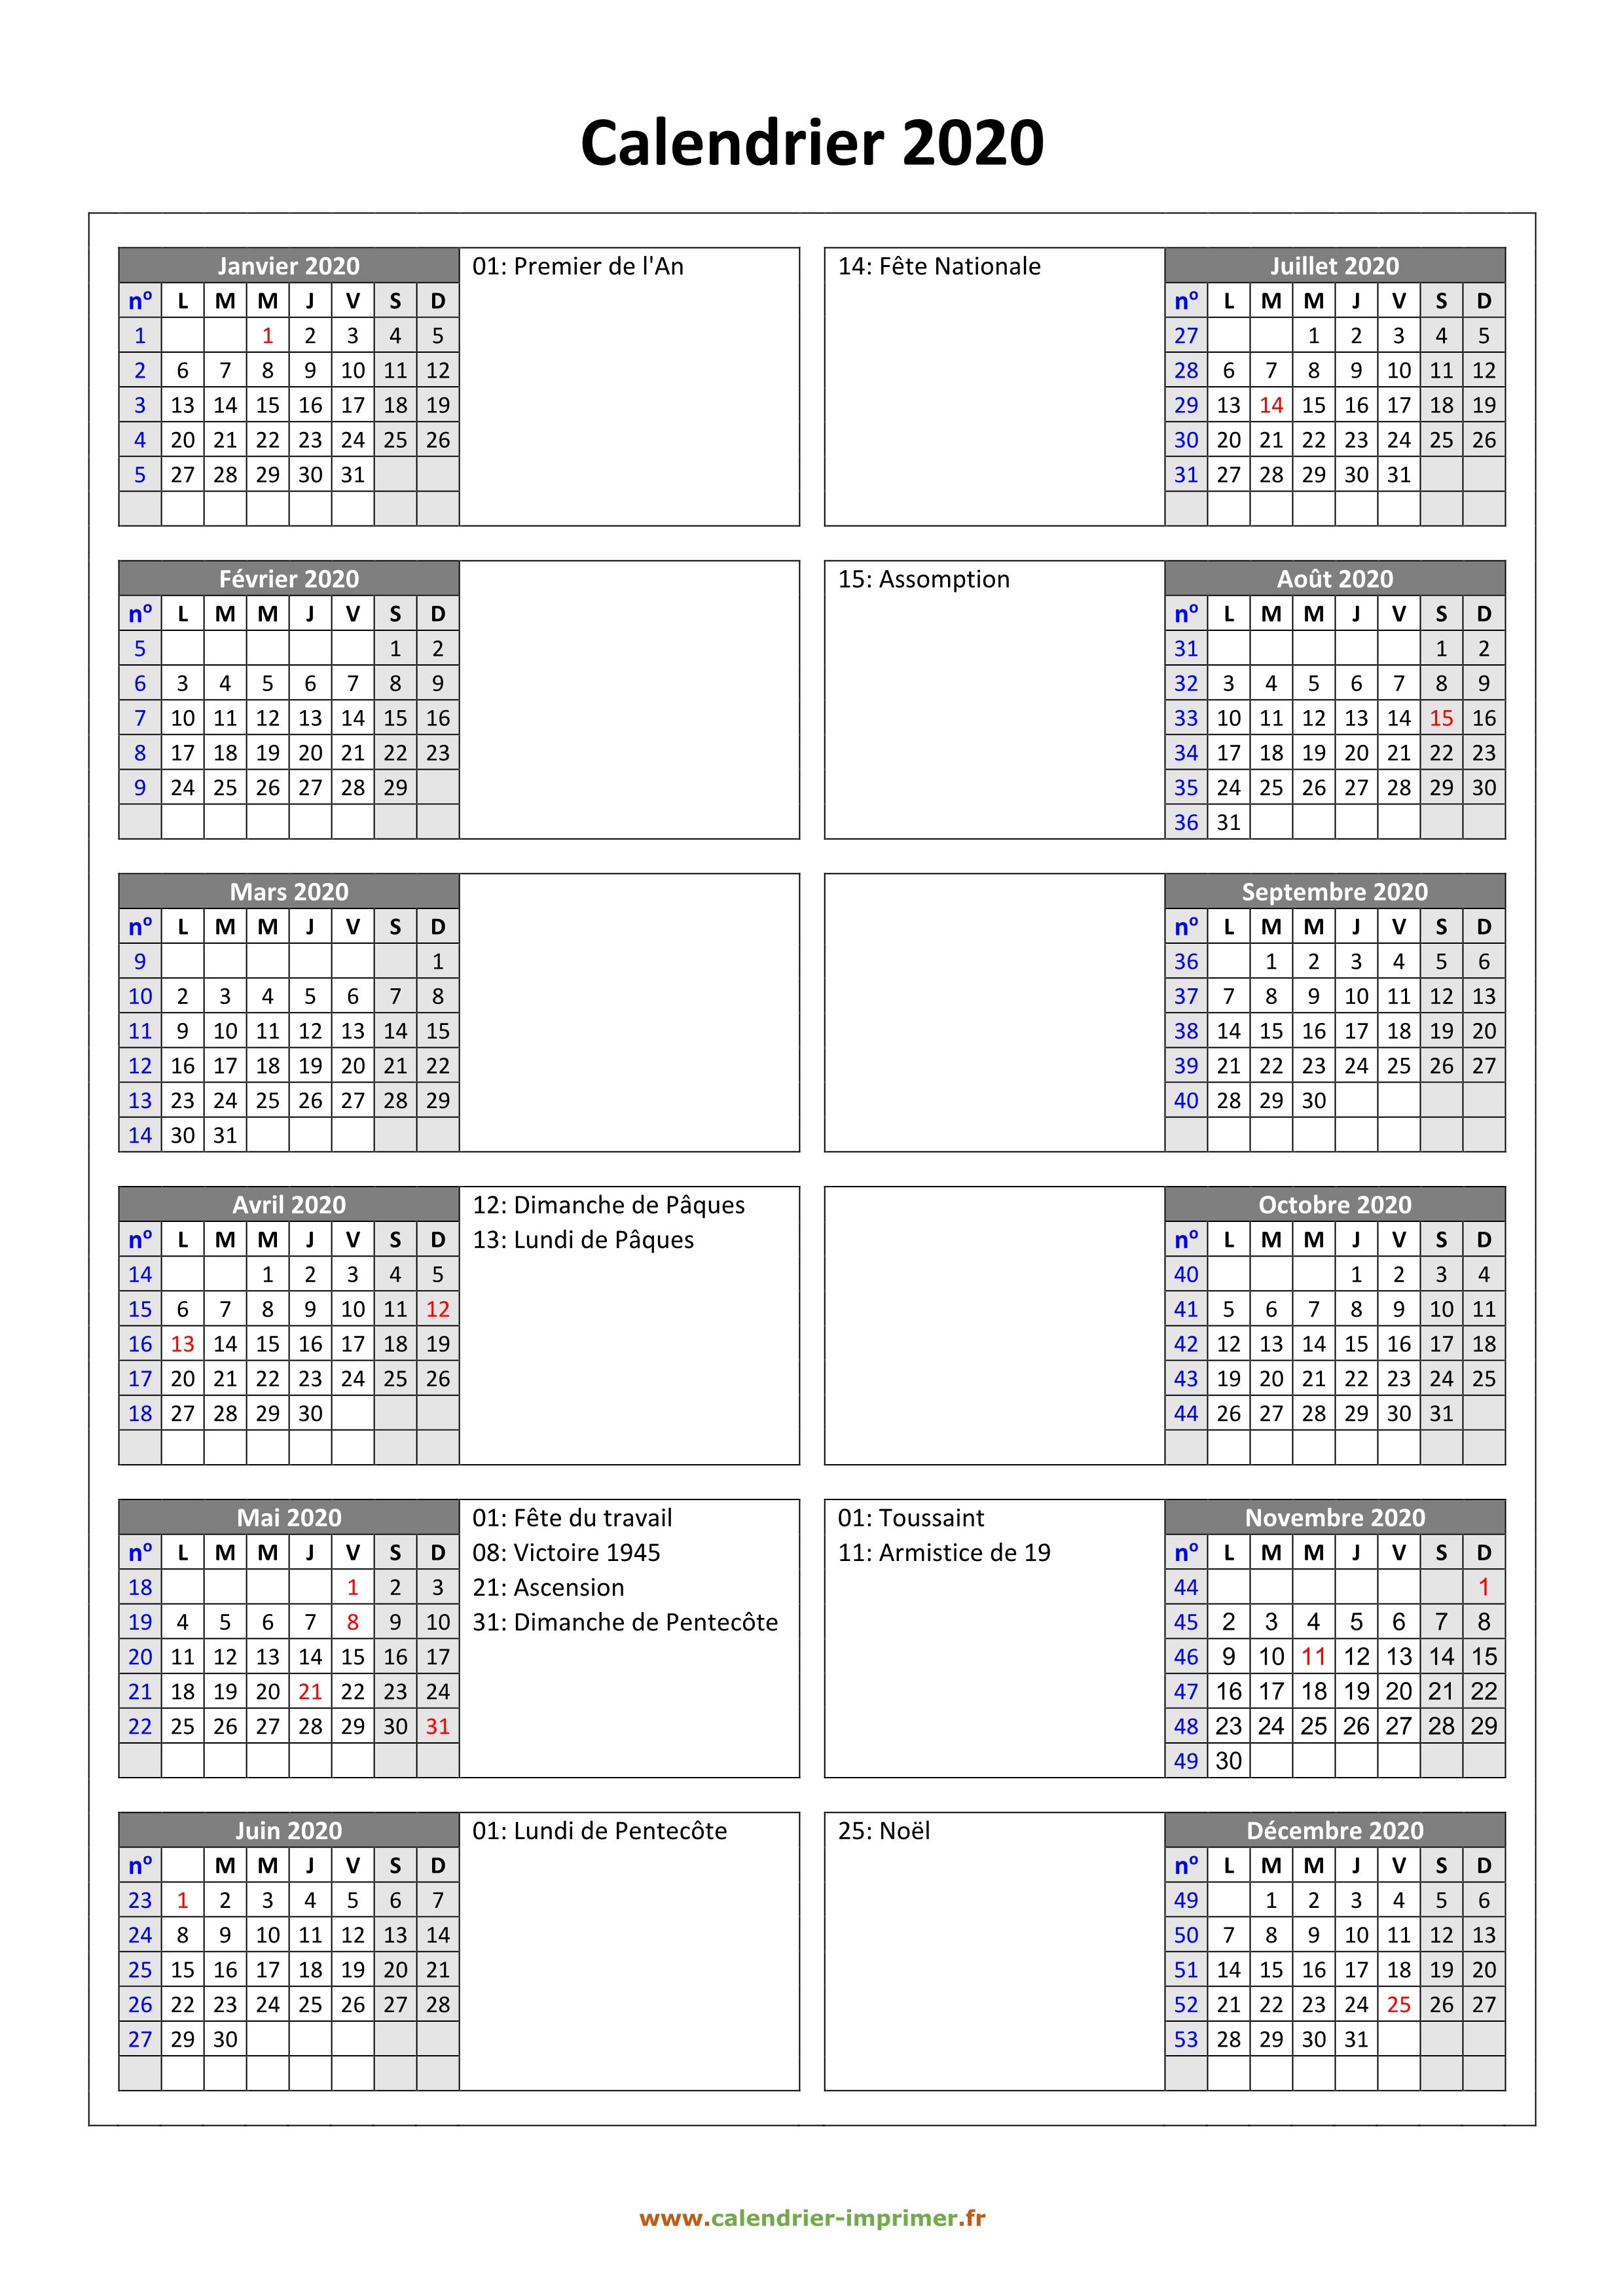 Calendrier 2020 À Imprimer Gratuit dedans Calendrier 2019 Avec Jours Fériés Vacances Scolaires À Imprimer